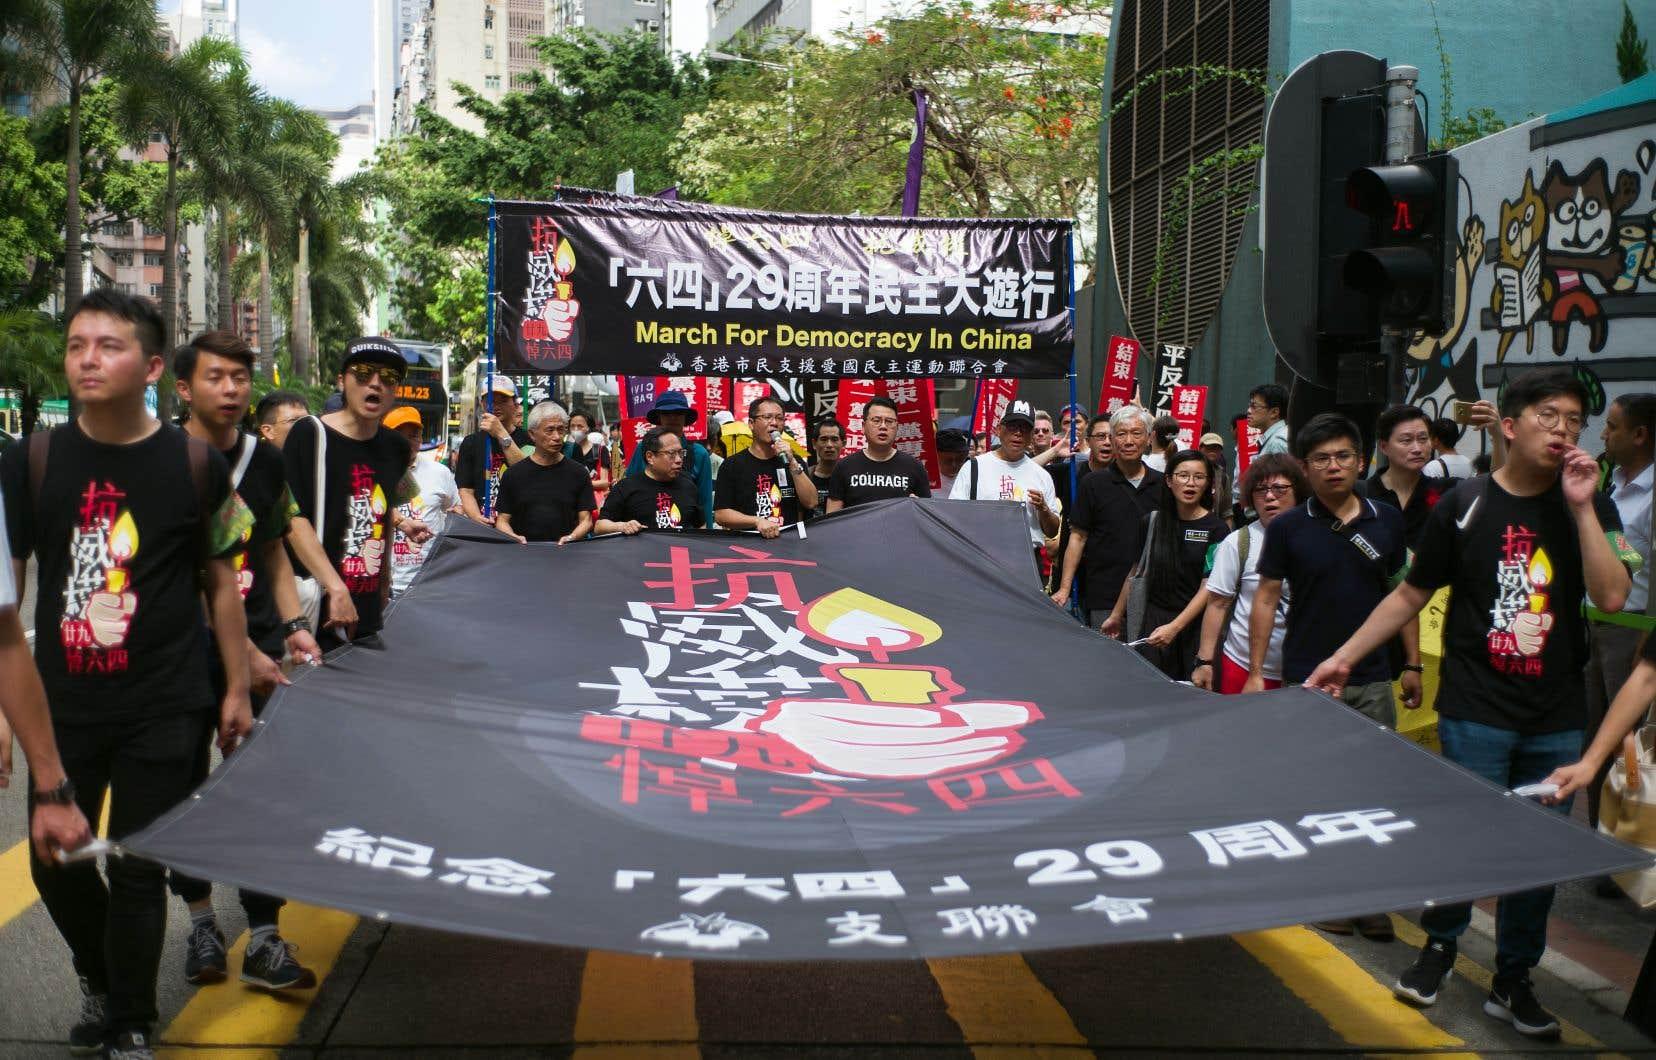 Des manifestants déambulent dans les rues du Hong Kong et brandissent une bannière intitulée «Marche pour la démocratie en Chine» dimanche.